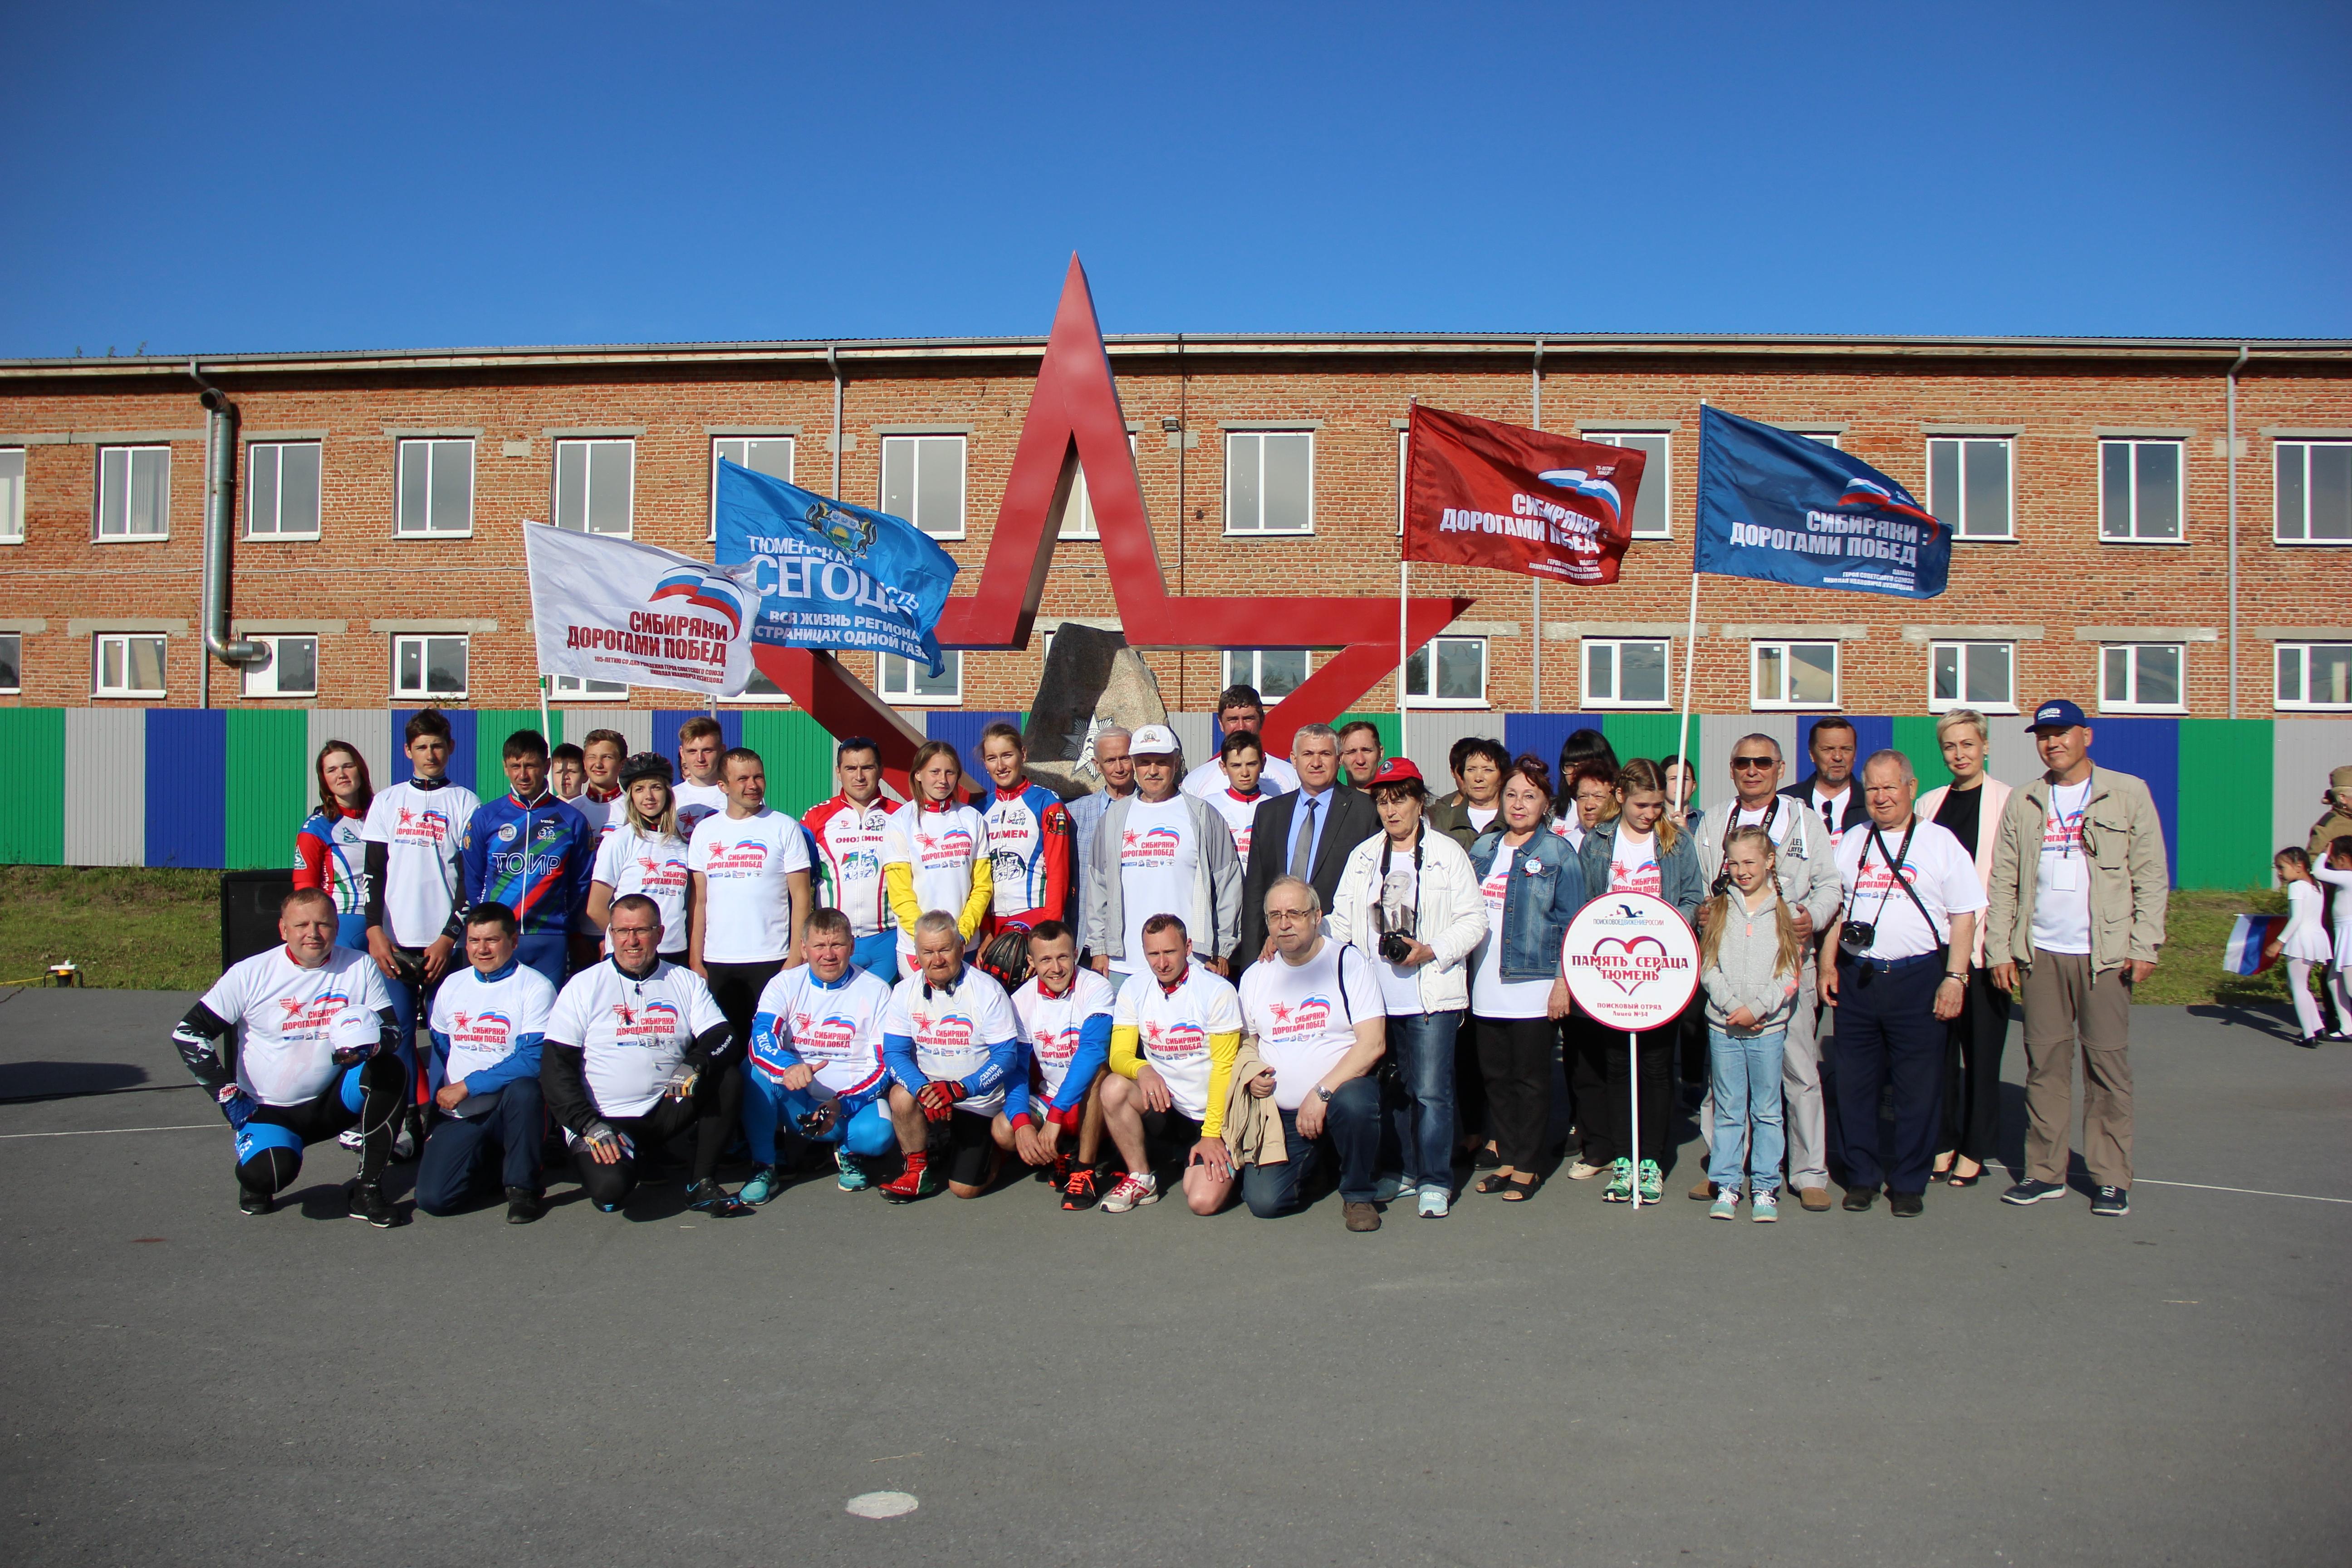 Организаторы и участники митинга в Памятном. Фото Павла Моргуна.